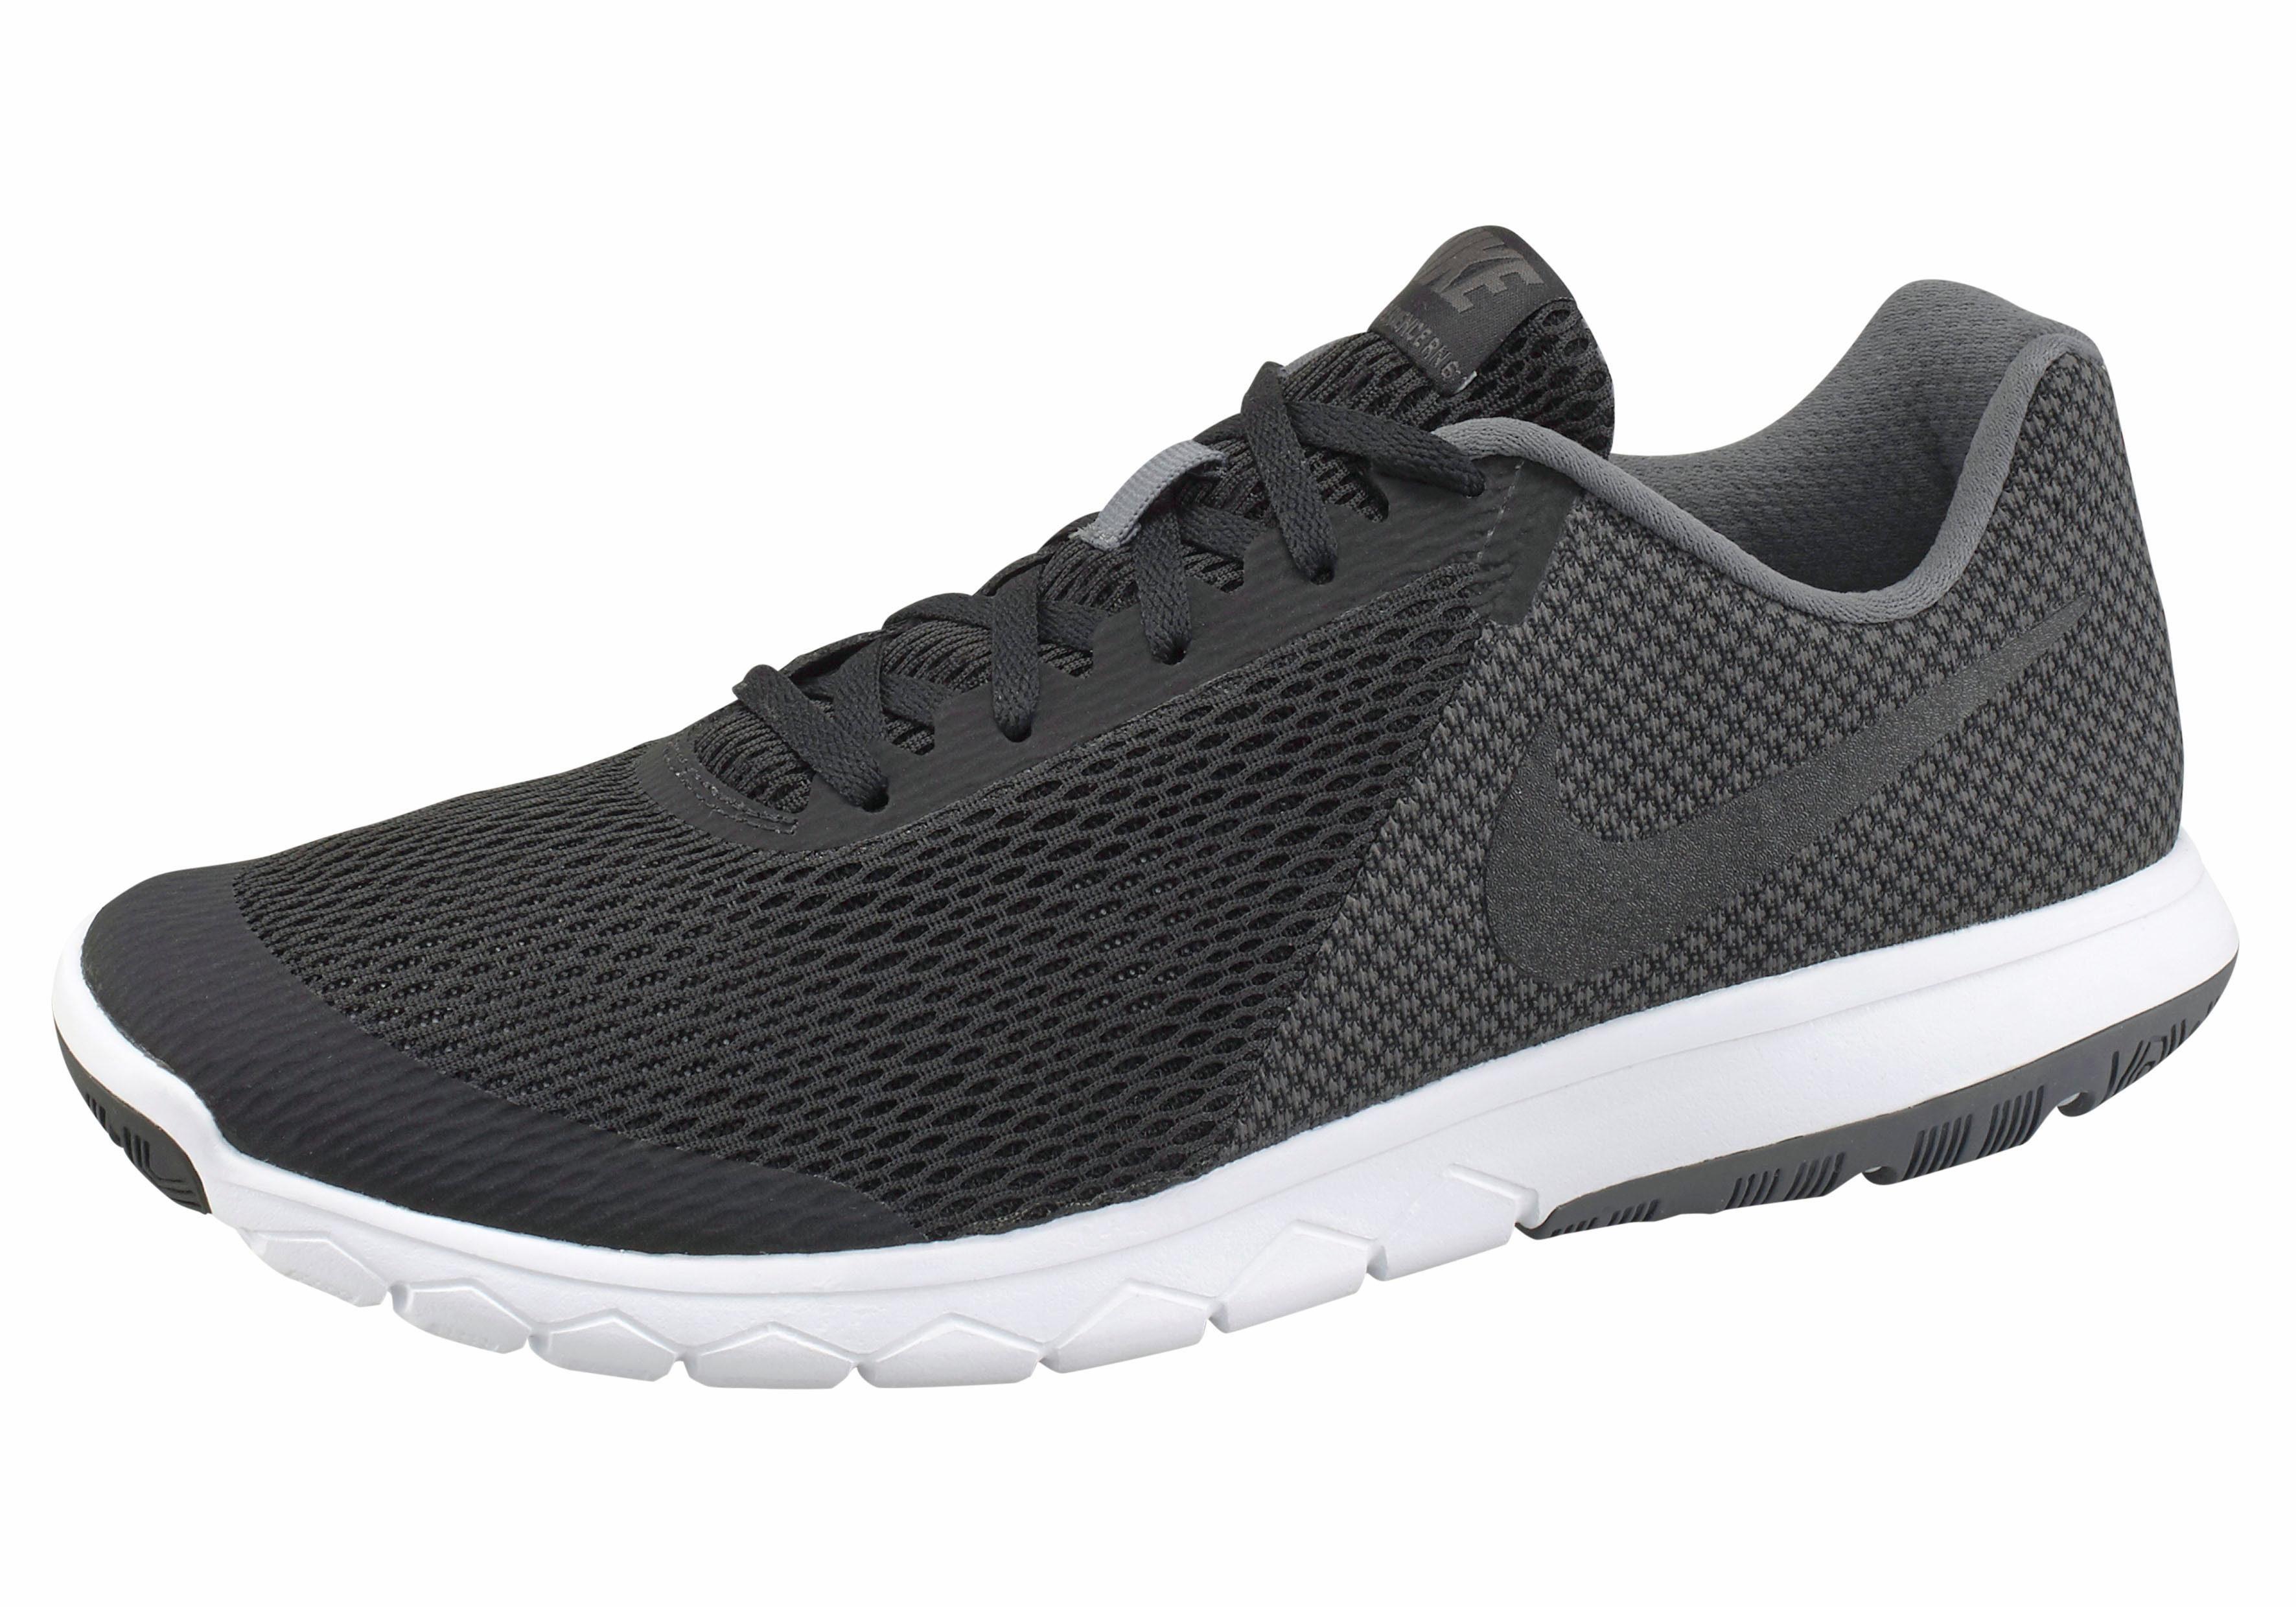 Noir Nike Chaussures De Performance De L'expérience Flex Dans 47,5 Pour Les Hommes